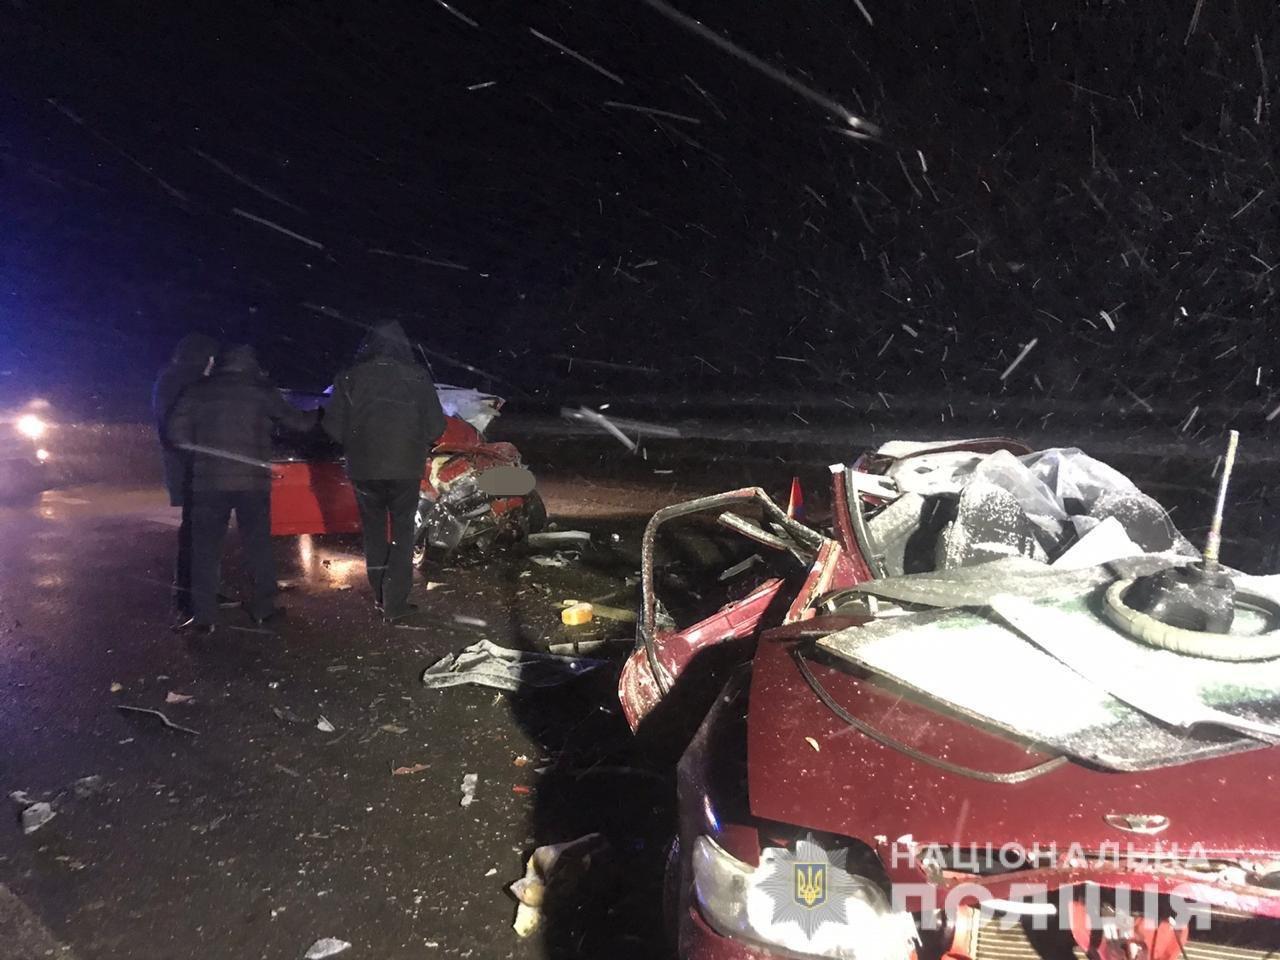 Жуткая авария с пятью погибшими на Харьковщине: выжившего водителя будут судить, - ФОТО, фото-3